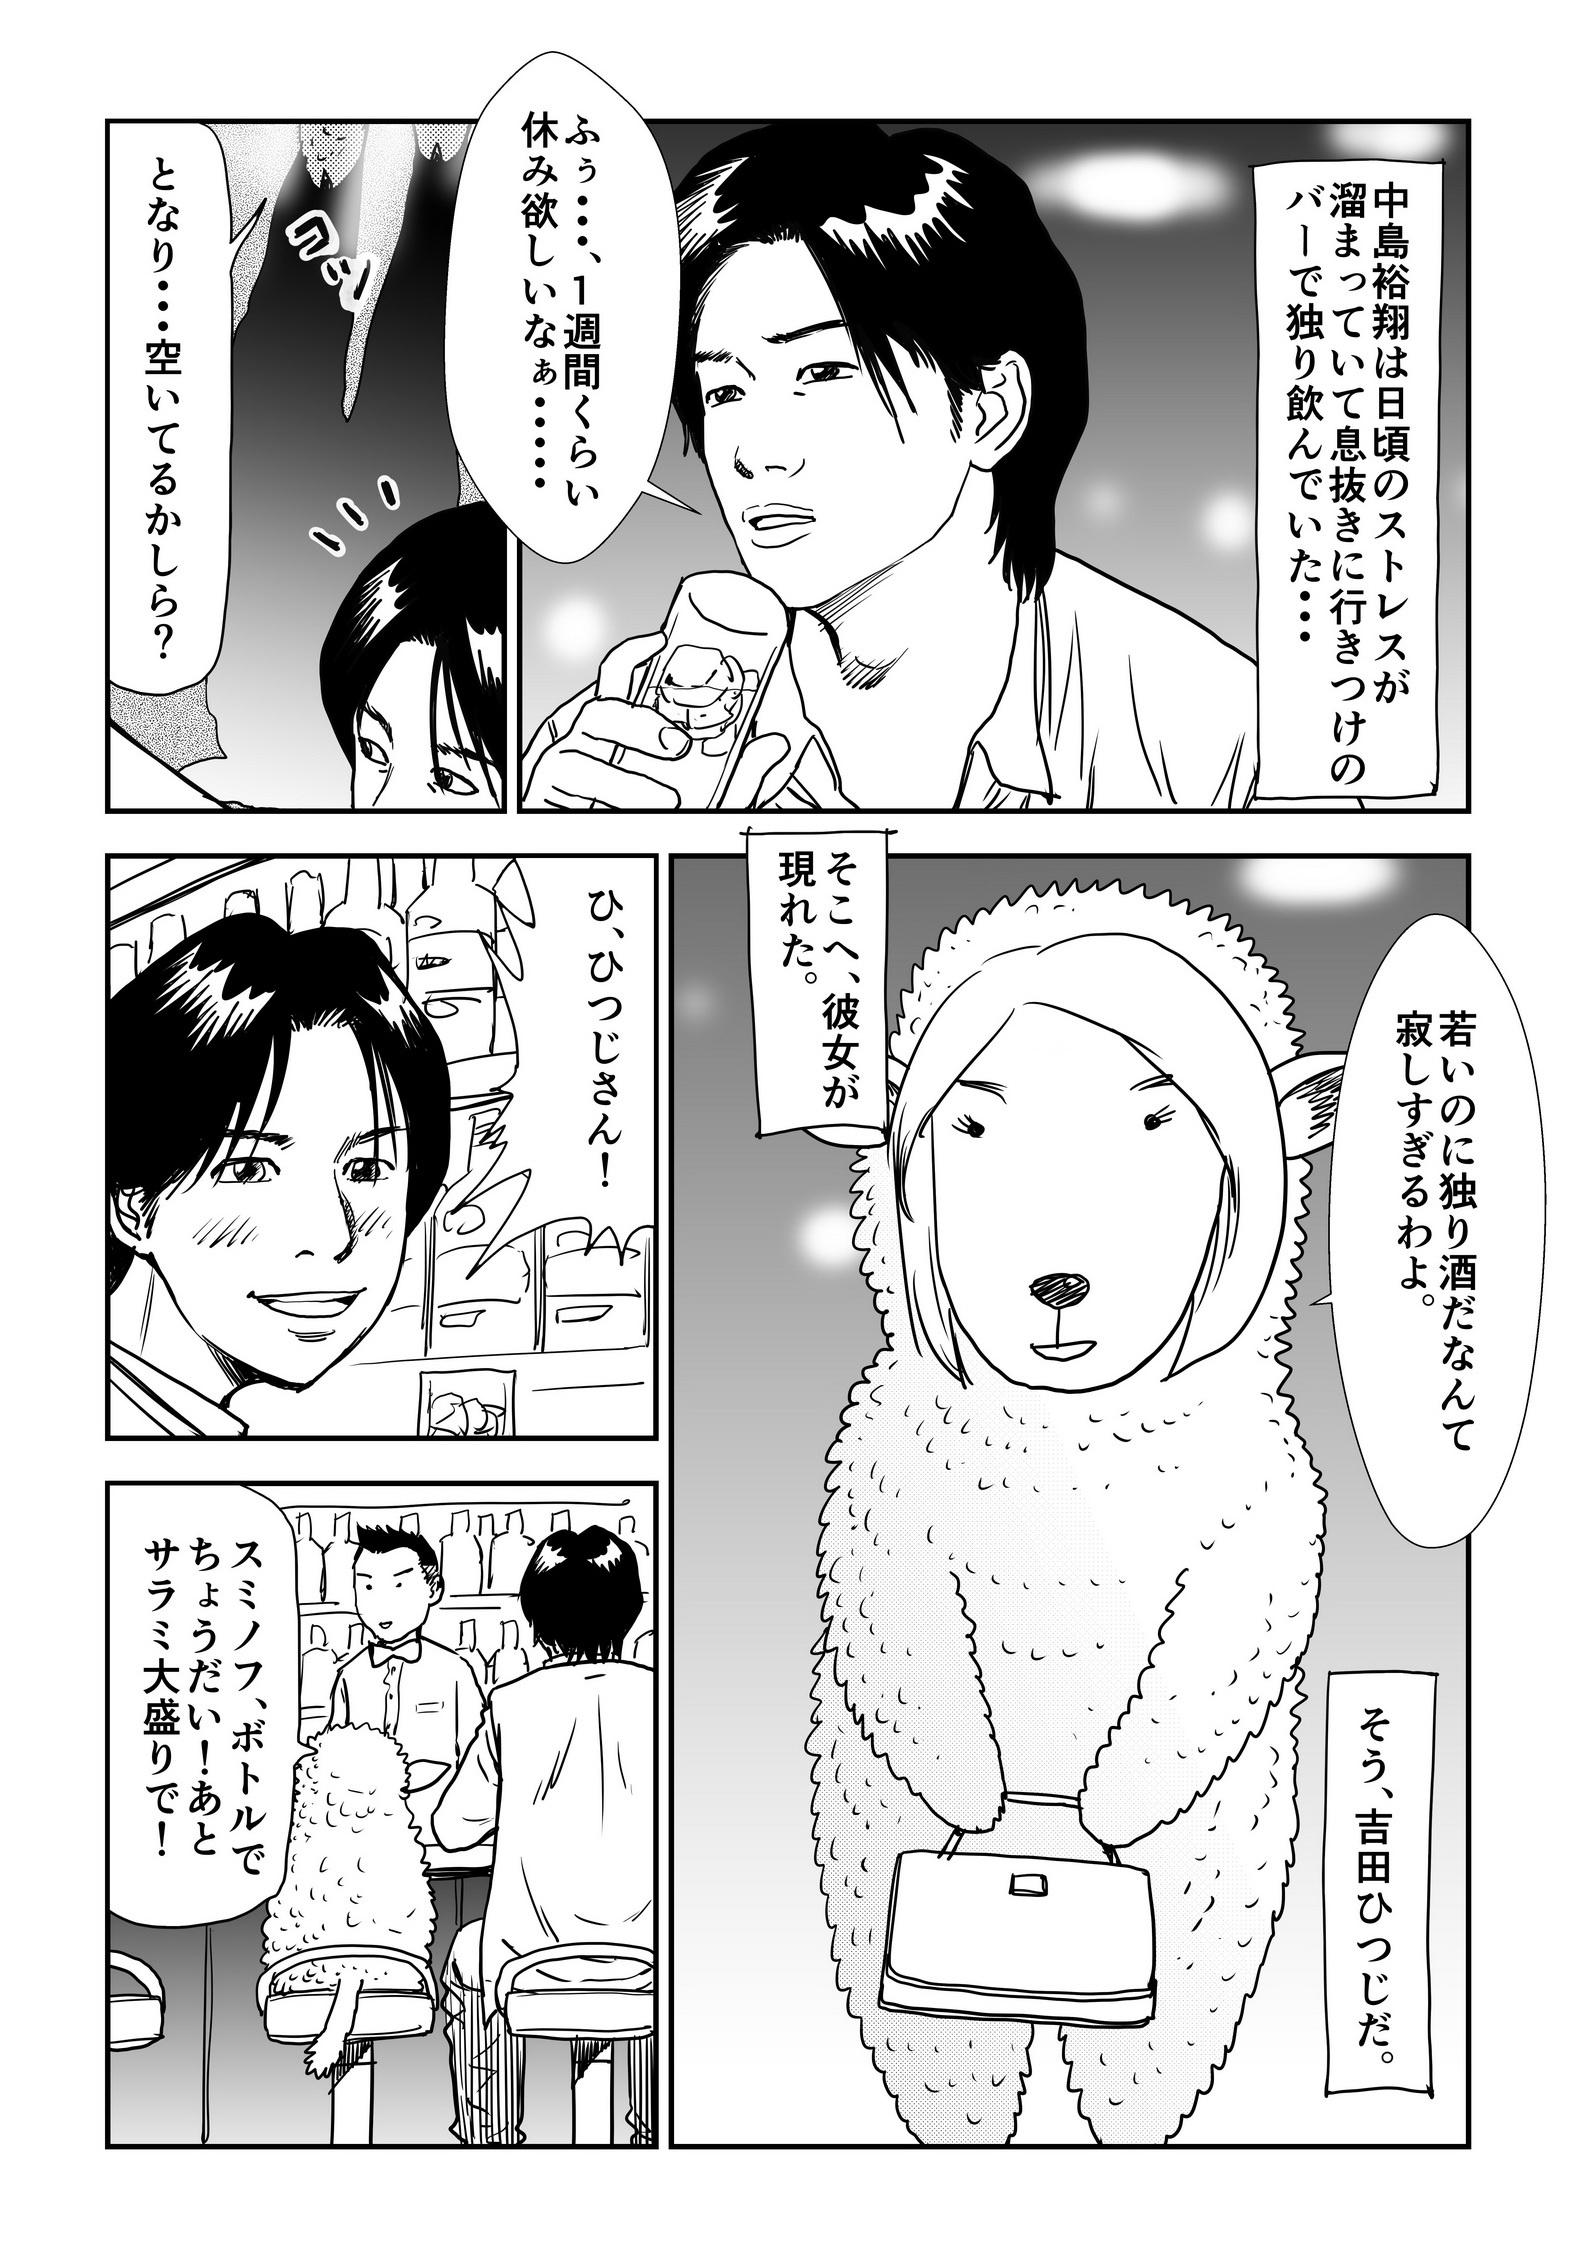 マンガ中島裕翔と吉田羊p01